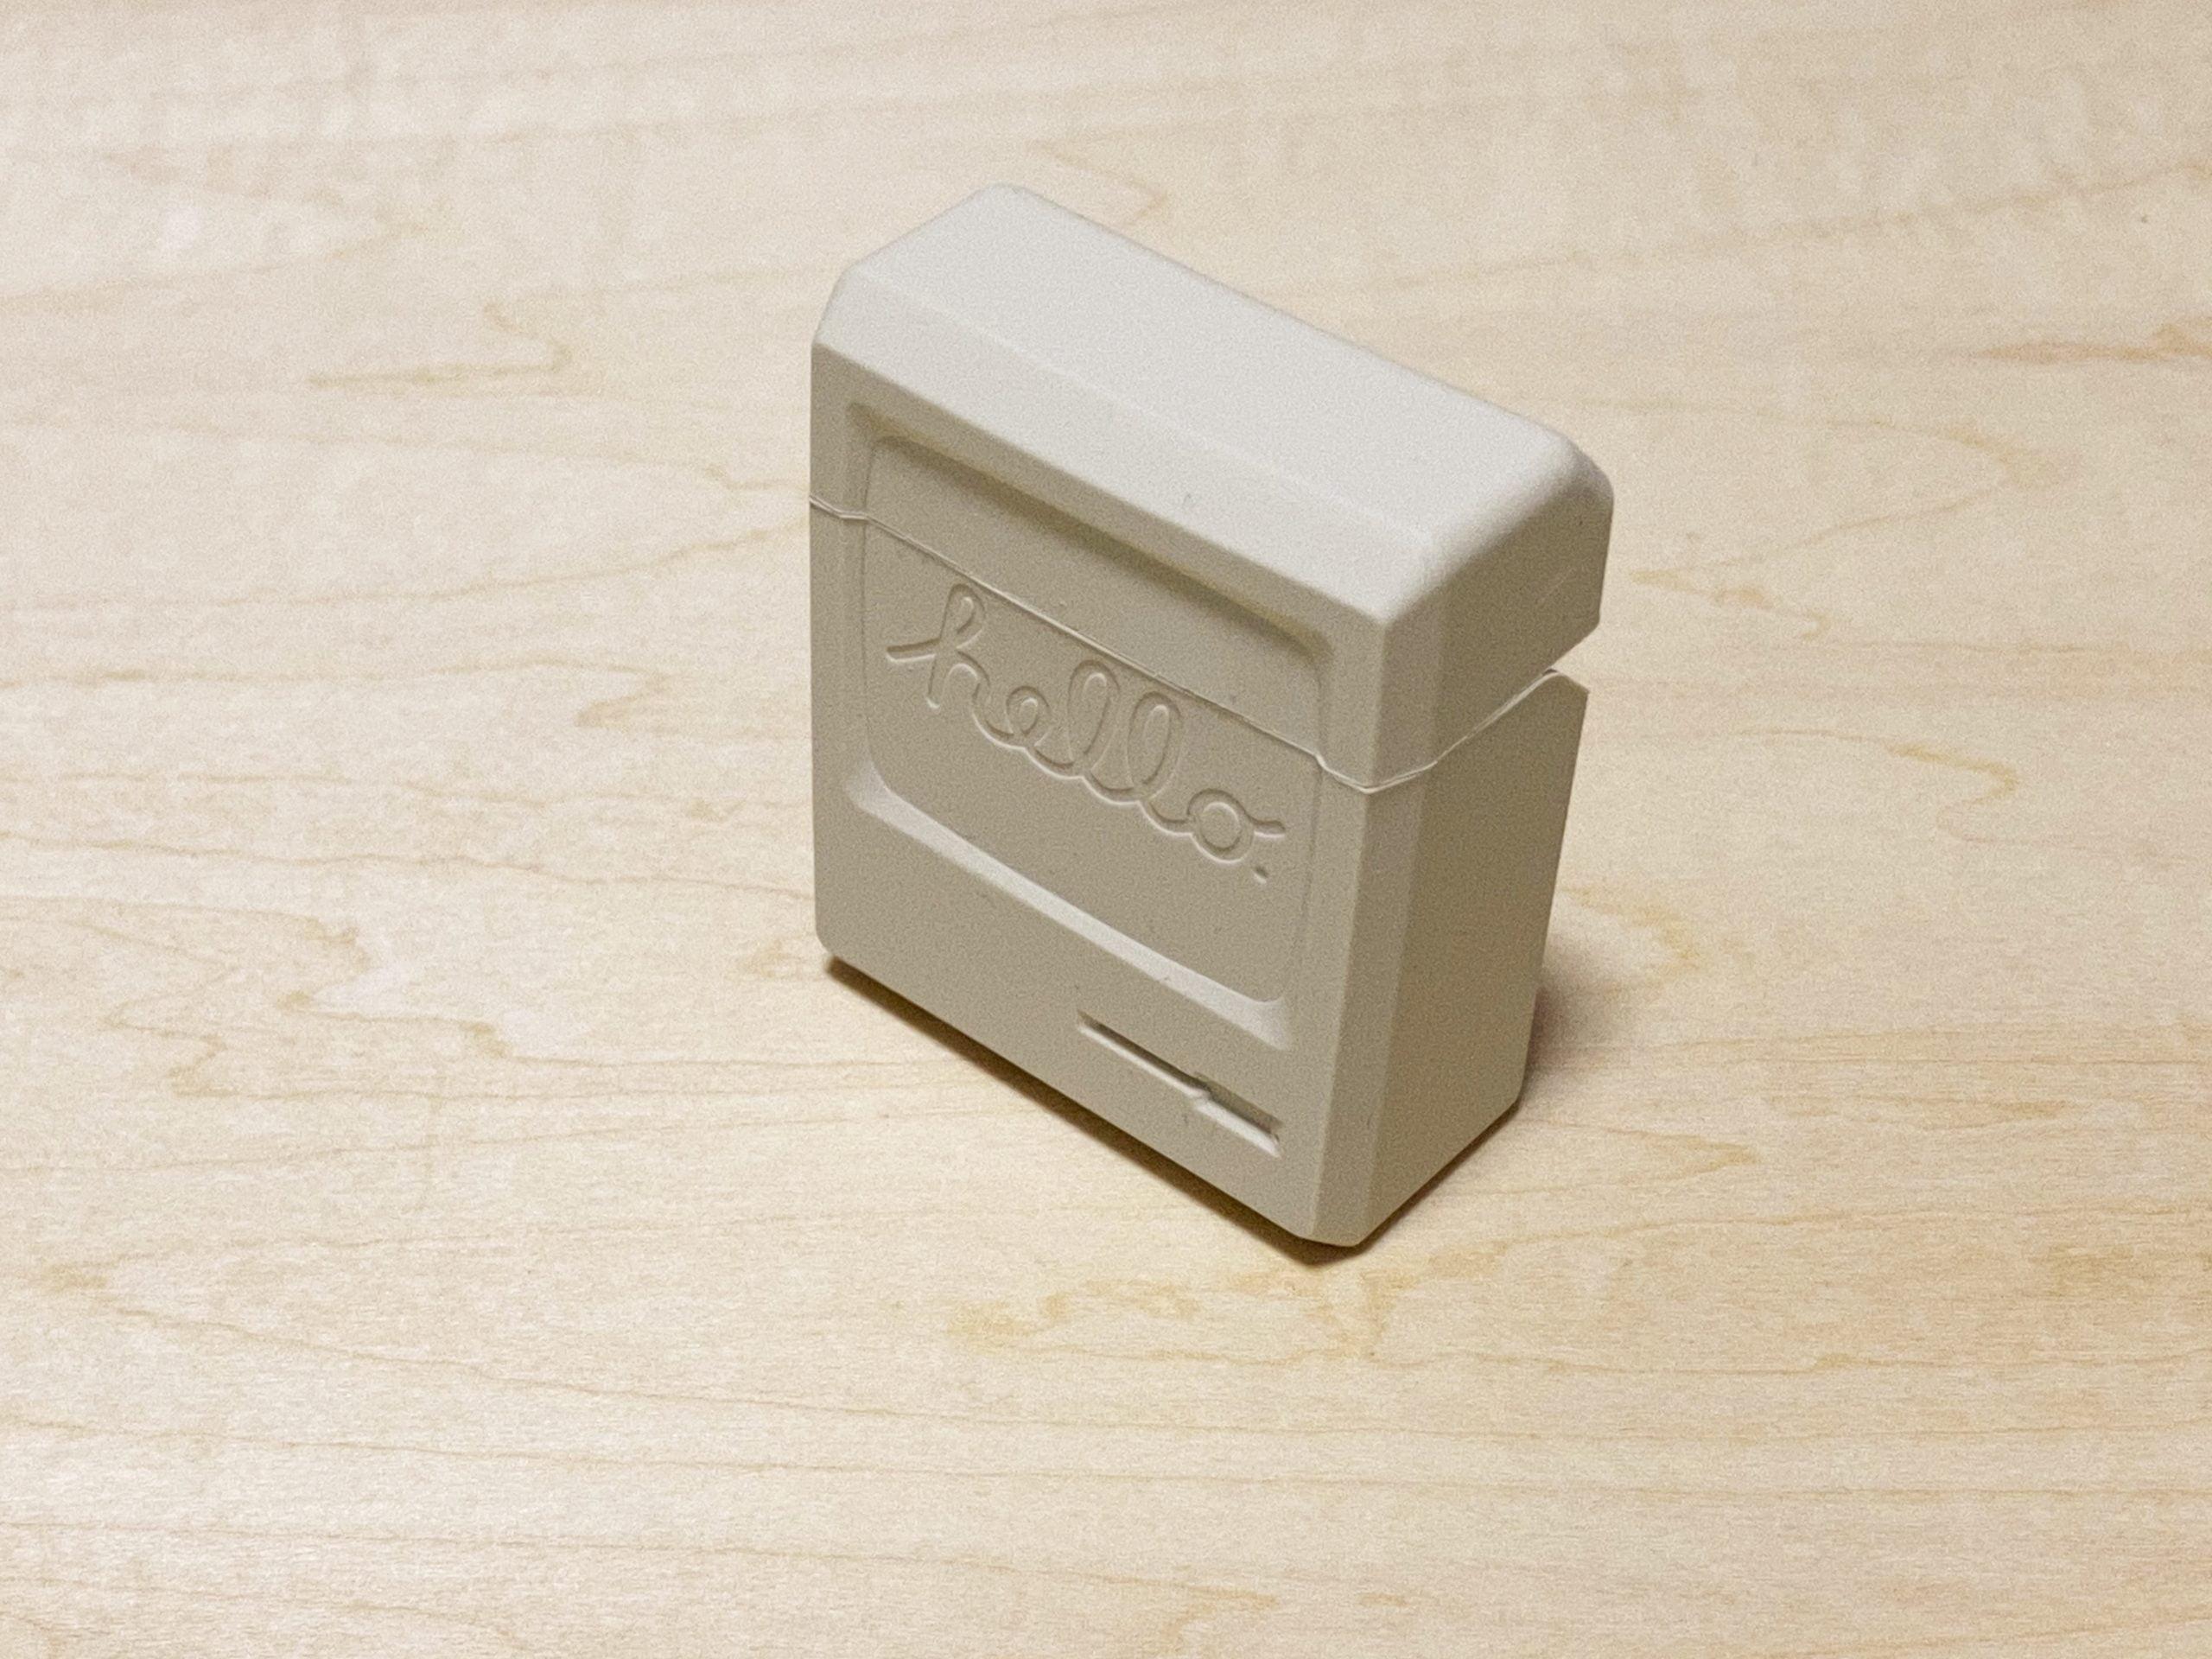 【ウラチェックレビュー】elago AW3 Case for AirPods /AirPods 2nd Charging / AirPods 2nd Wireless(エラゴ)|Appleファンなら抑えておきたいMacintosh ClassicのデザインのAirPodsケースの紹介